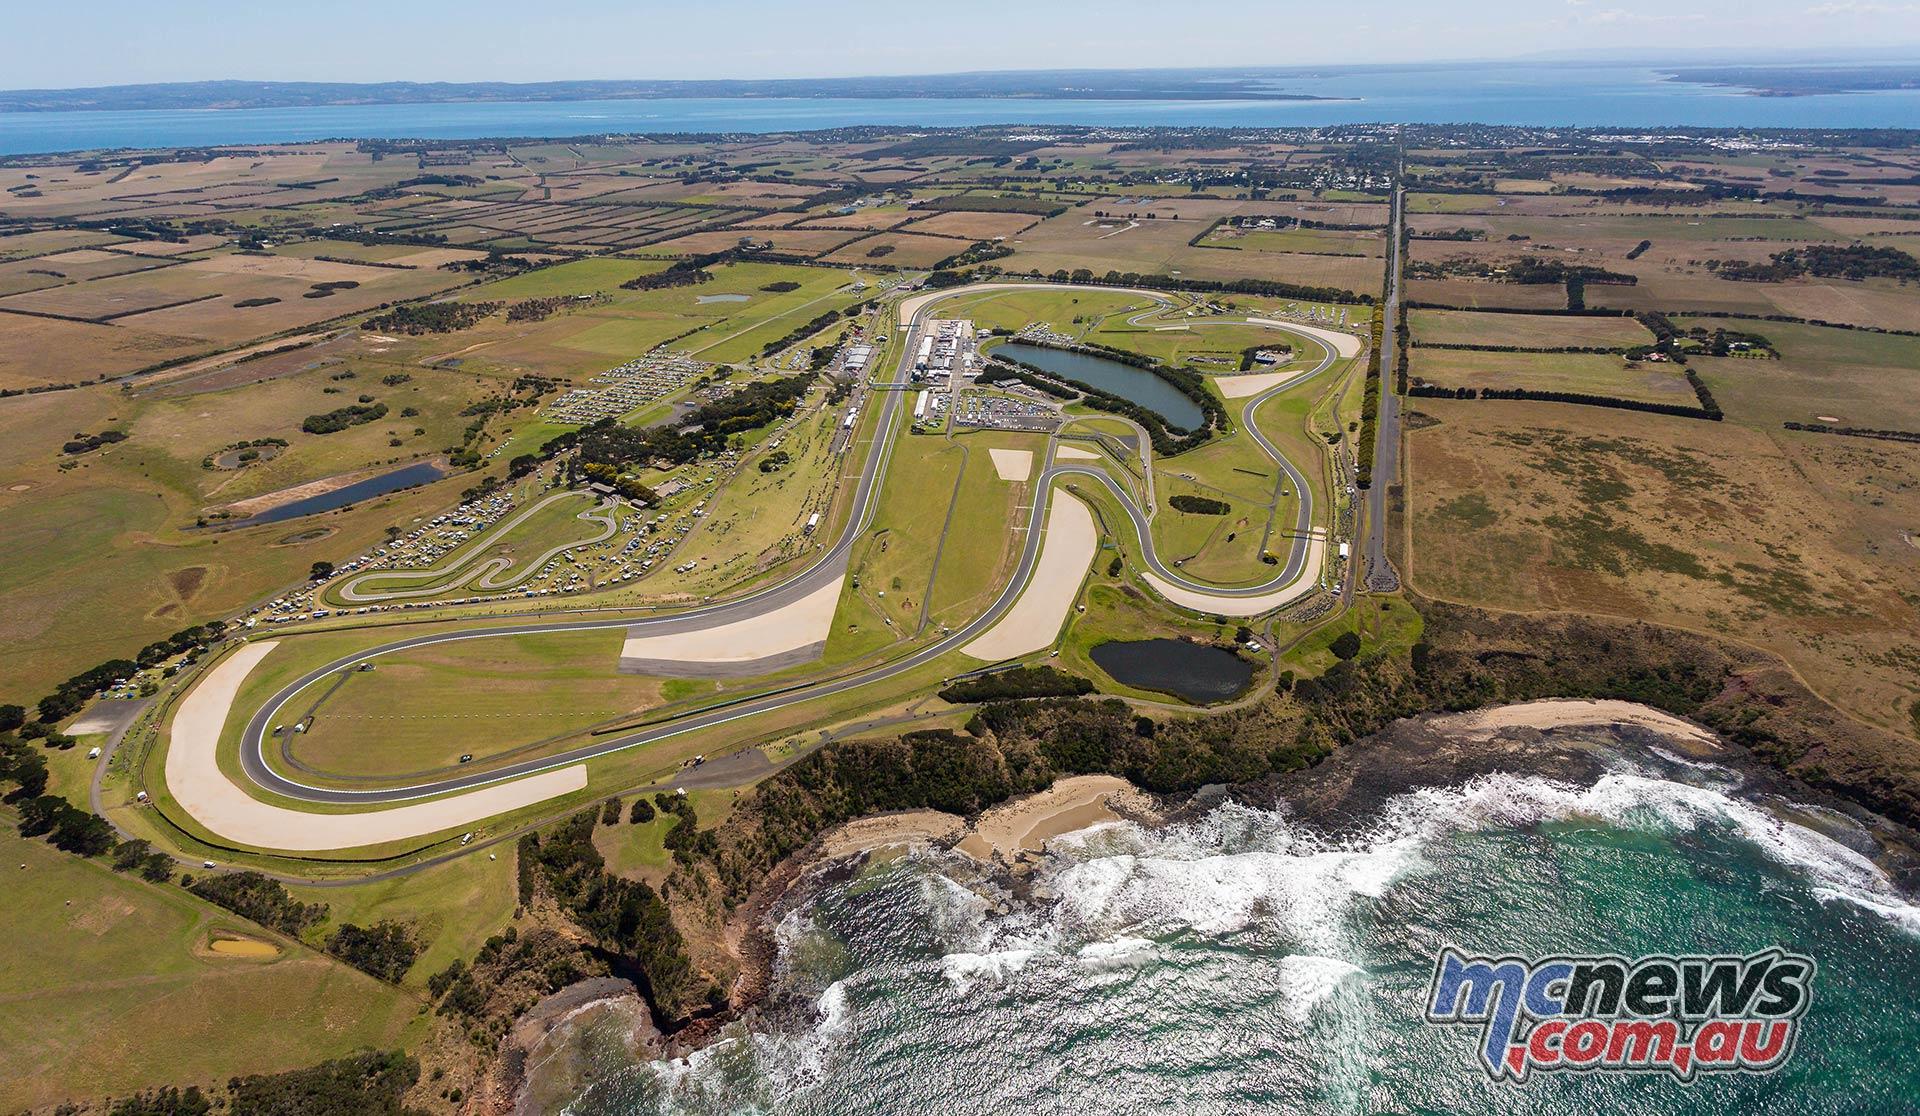 WSBK Phillip Island Aerial